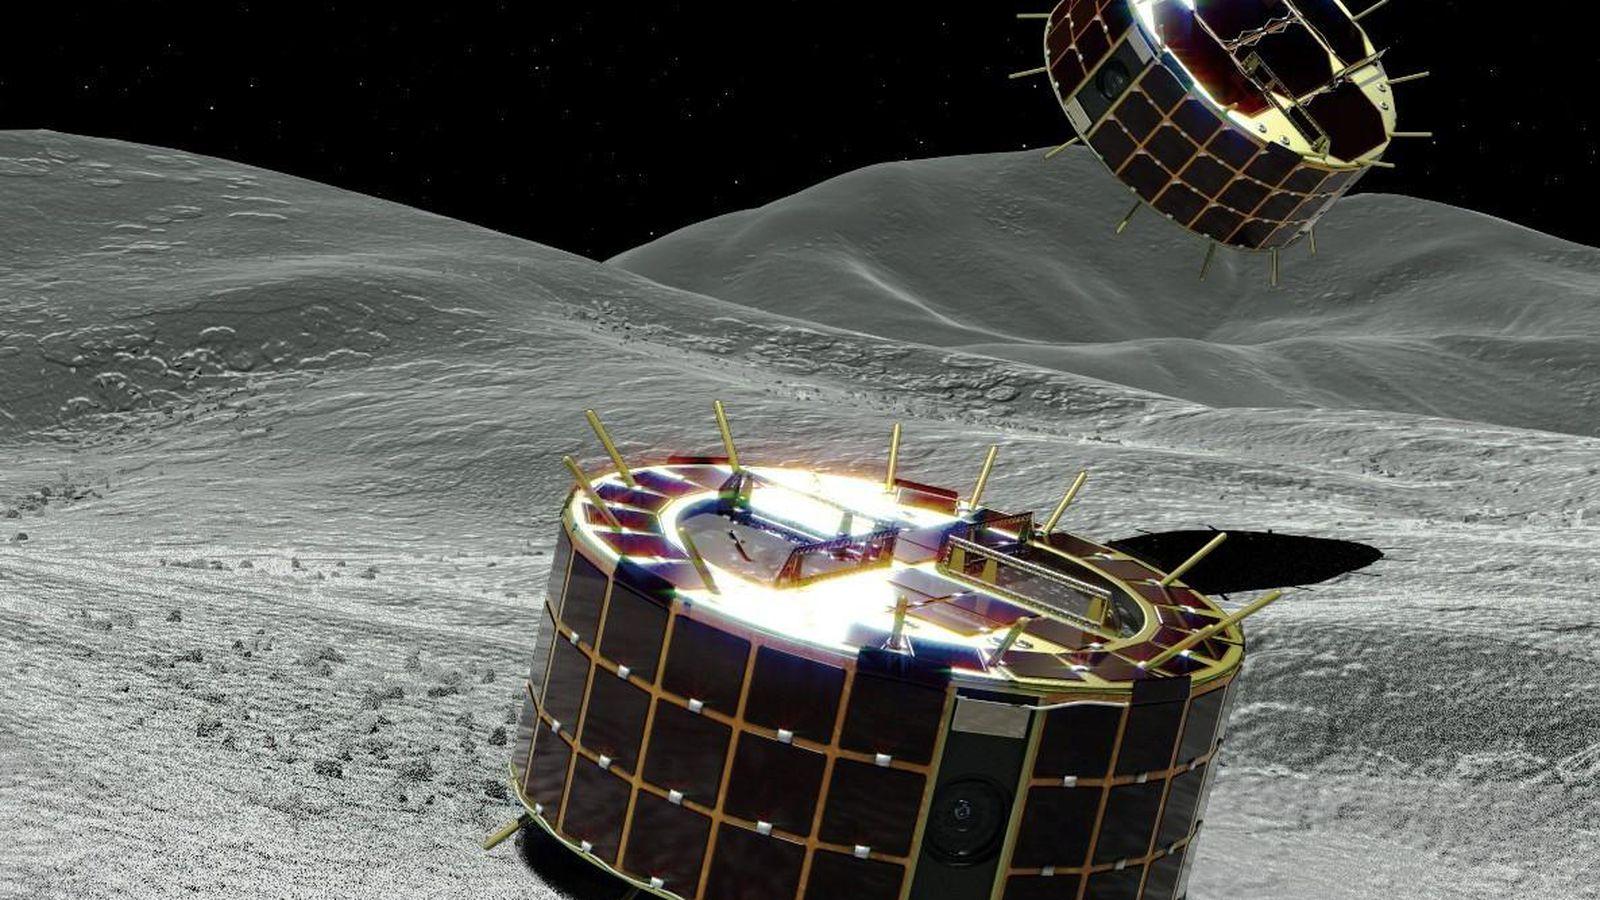 Hayabusa 2 выполняет сброс зондов MINERVA на астероид Рюгу